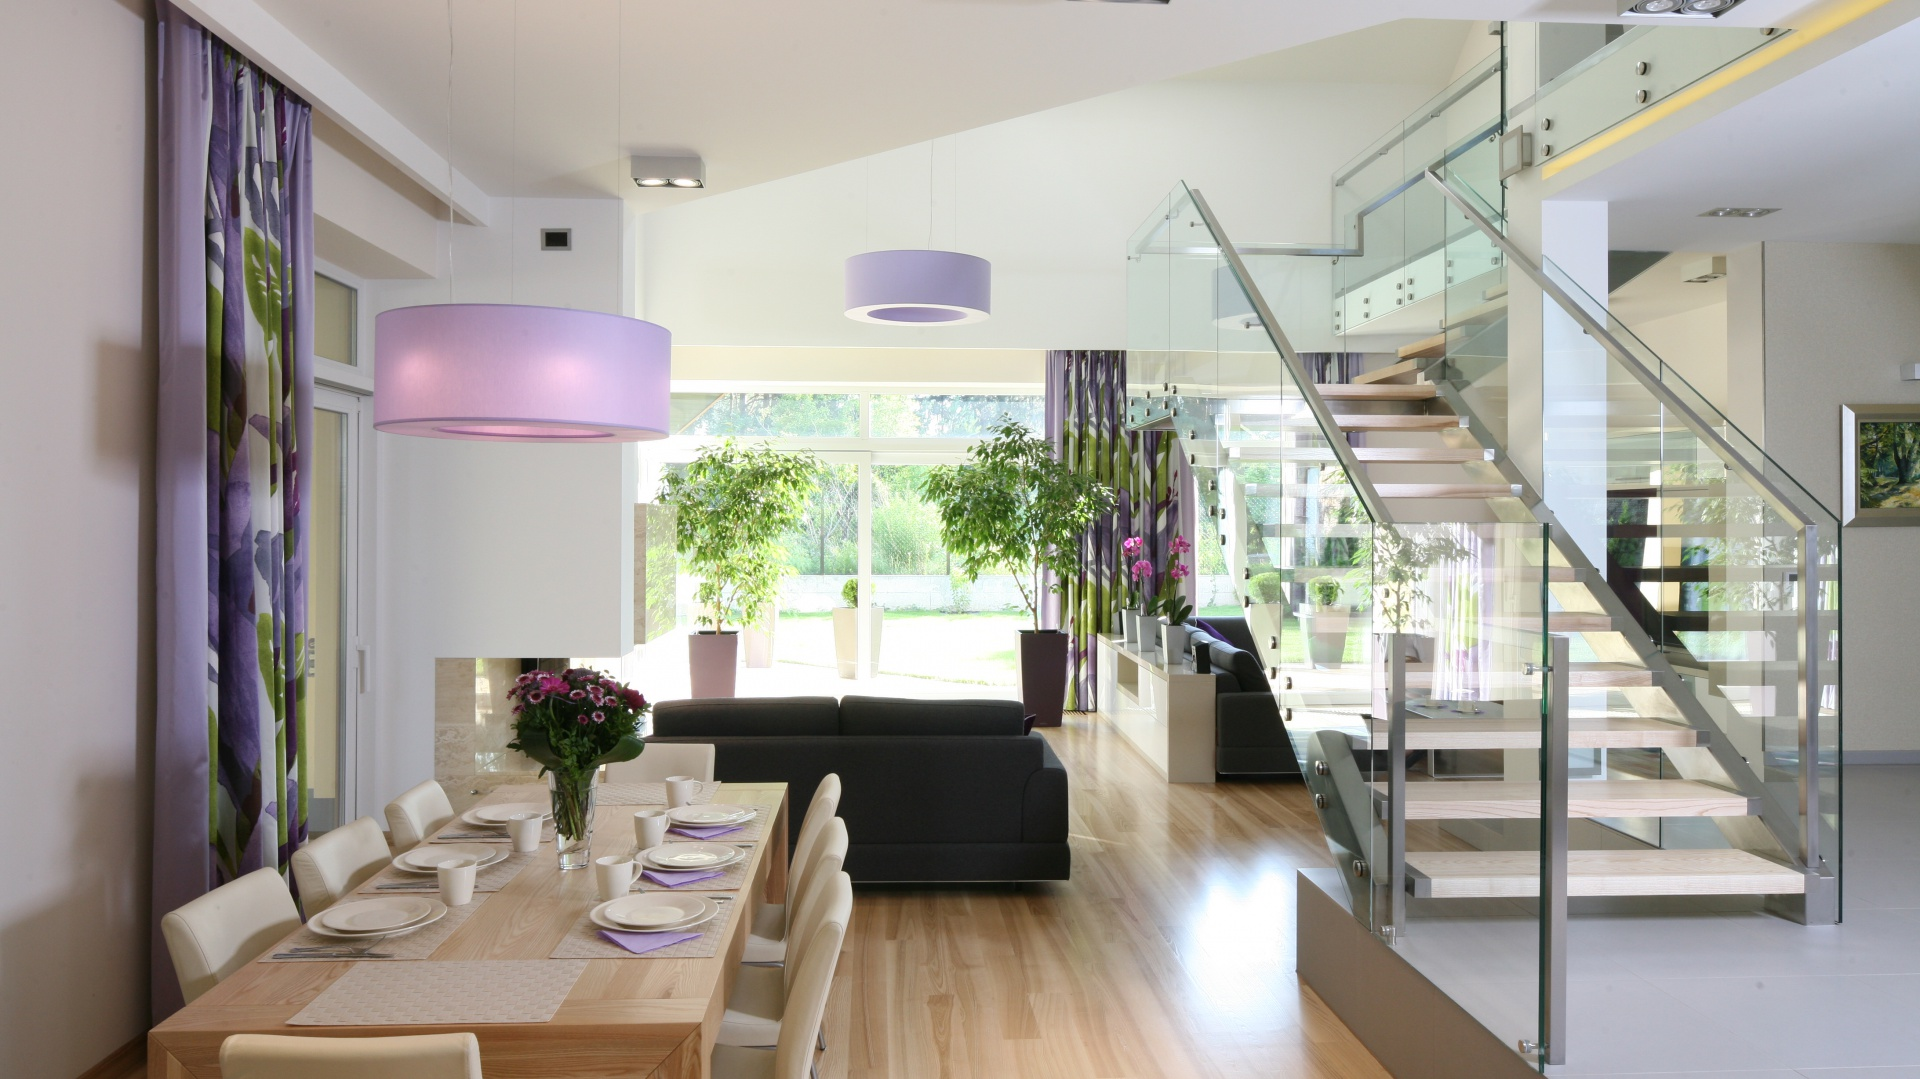 Lekka konstrukcja schodów, oparta na metalu i szkle nie zakłóca pastelowej aranżacji salonu połączonego z jadalnią. Stopnie wykonane zostały z tego samego rodzaju drewna co podłoga. Projekt: Monika i Adam Bronikowscy. Fot. Bartosz Jarosz.